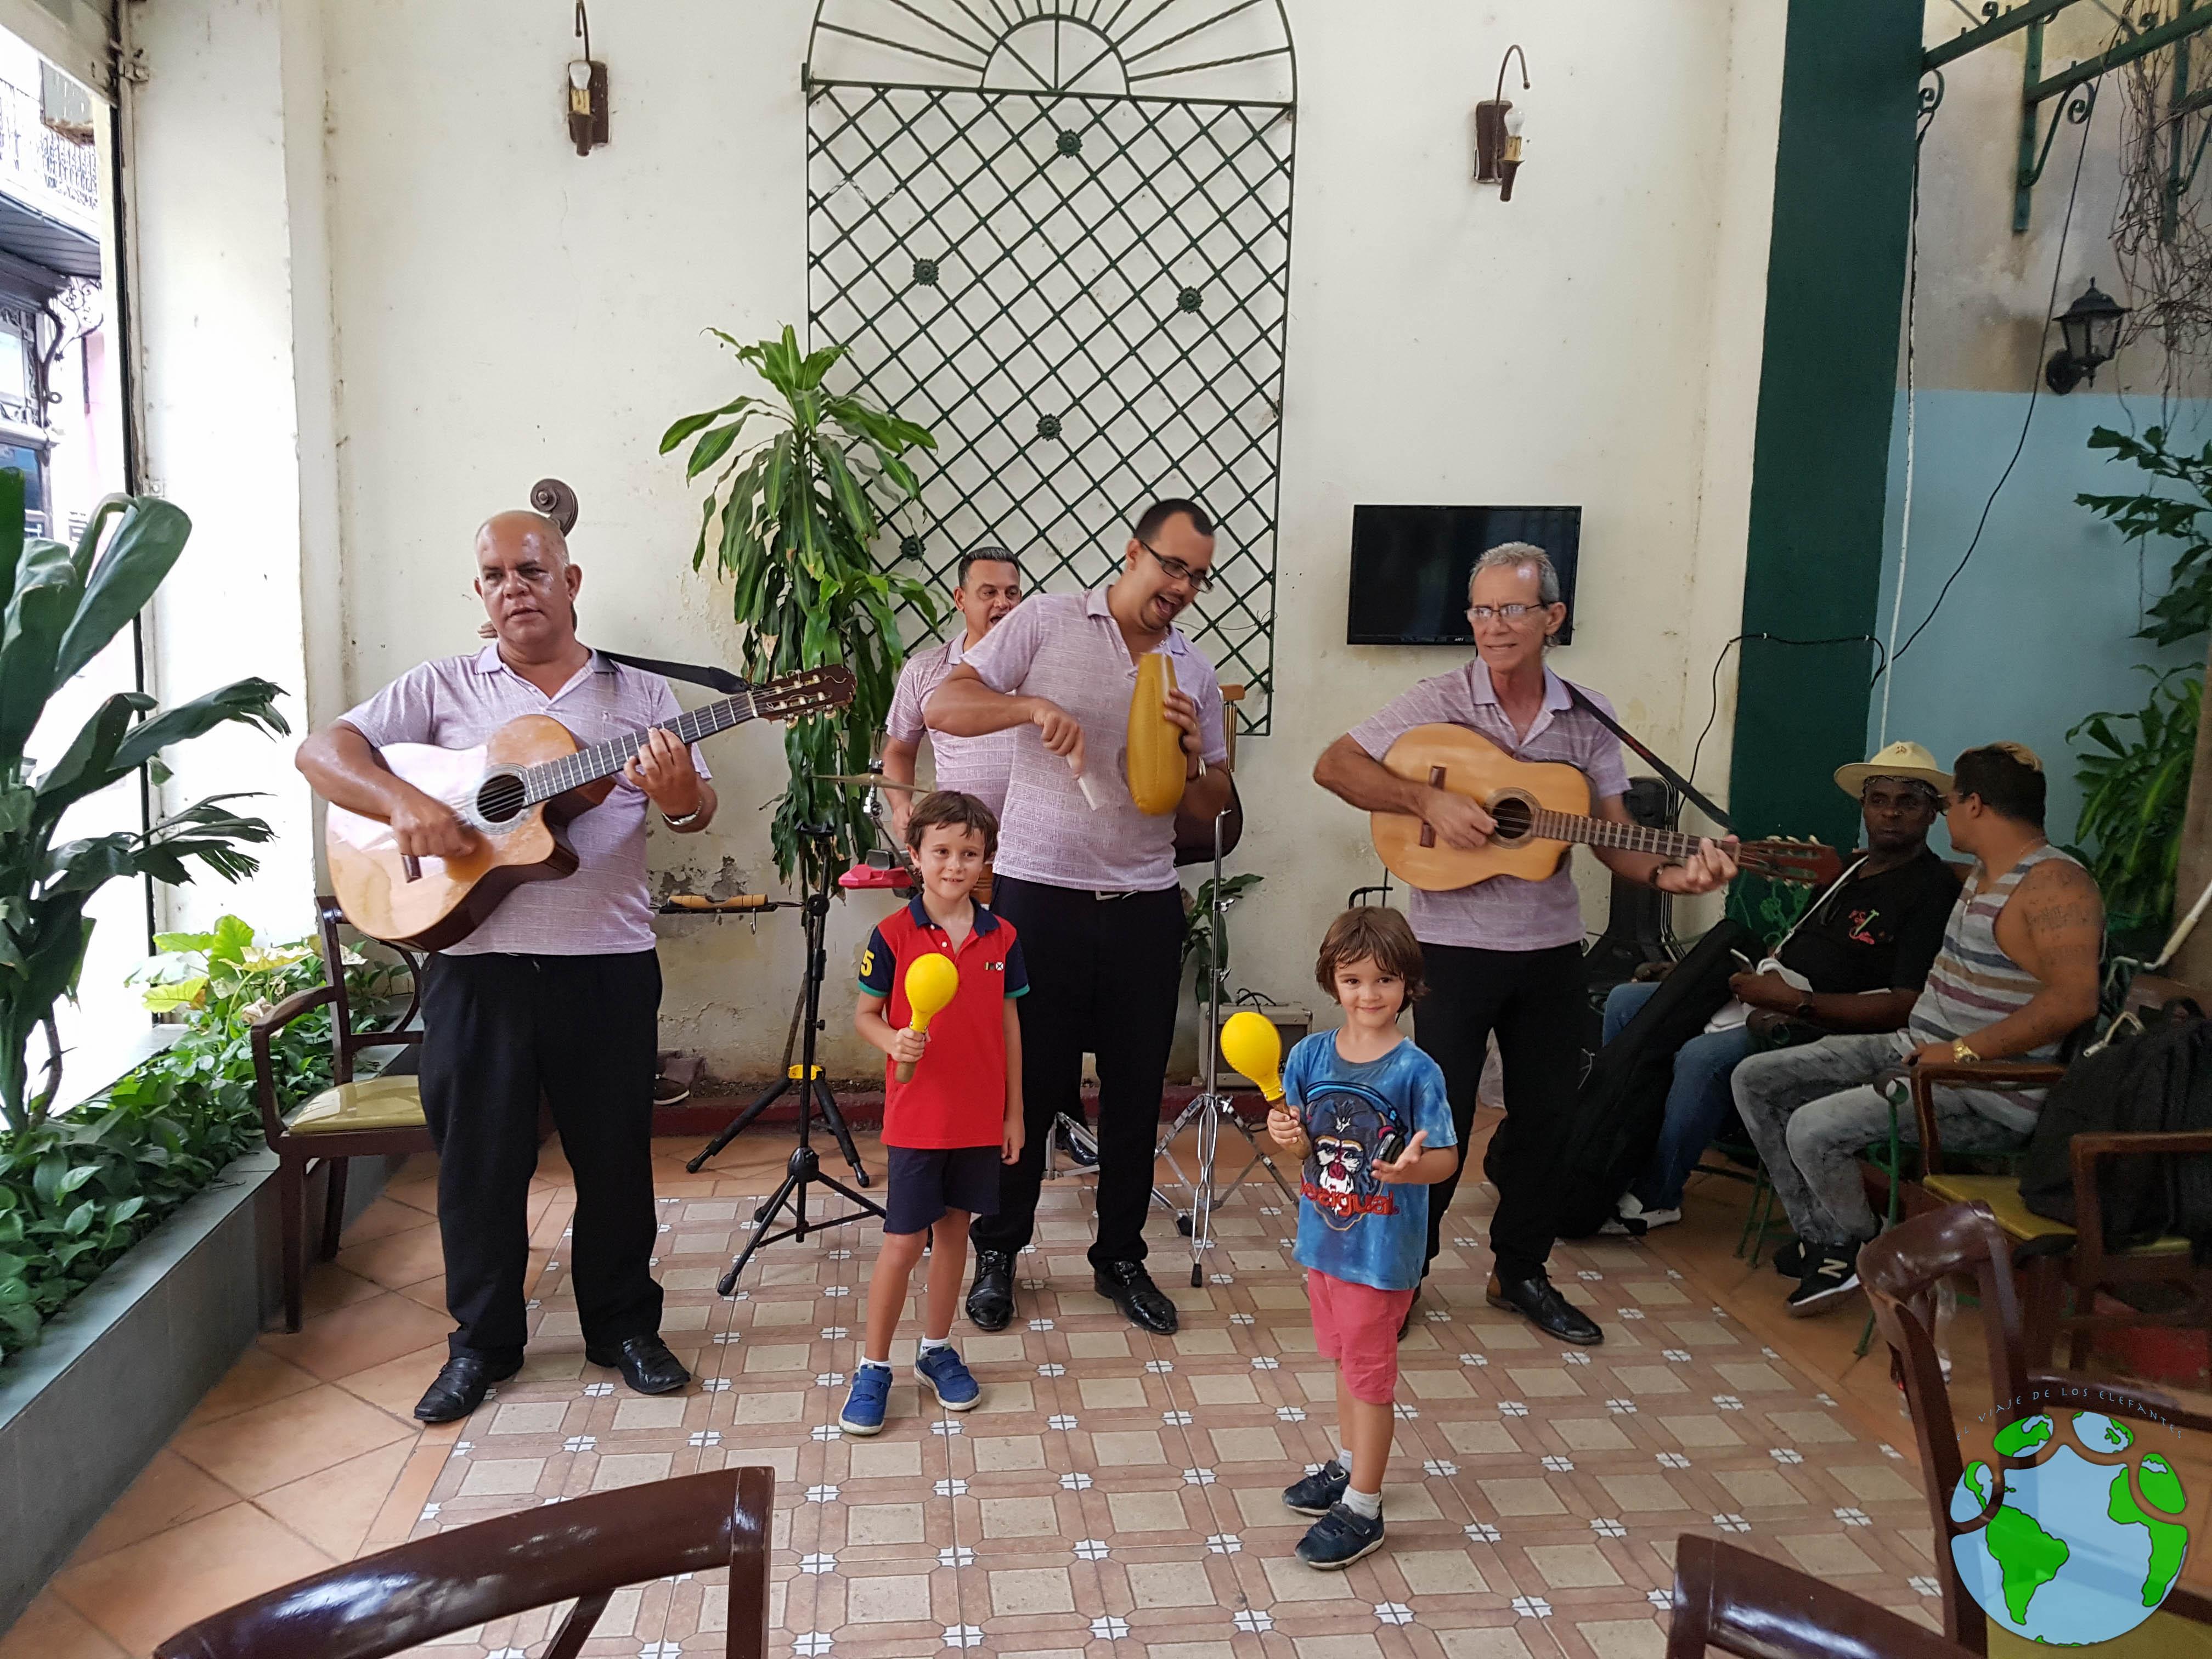 música en la habana